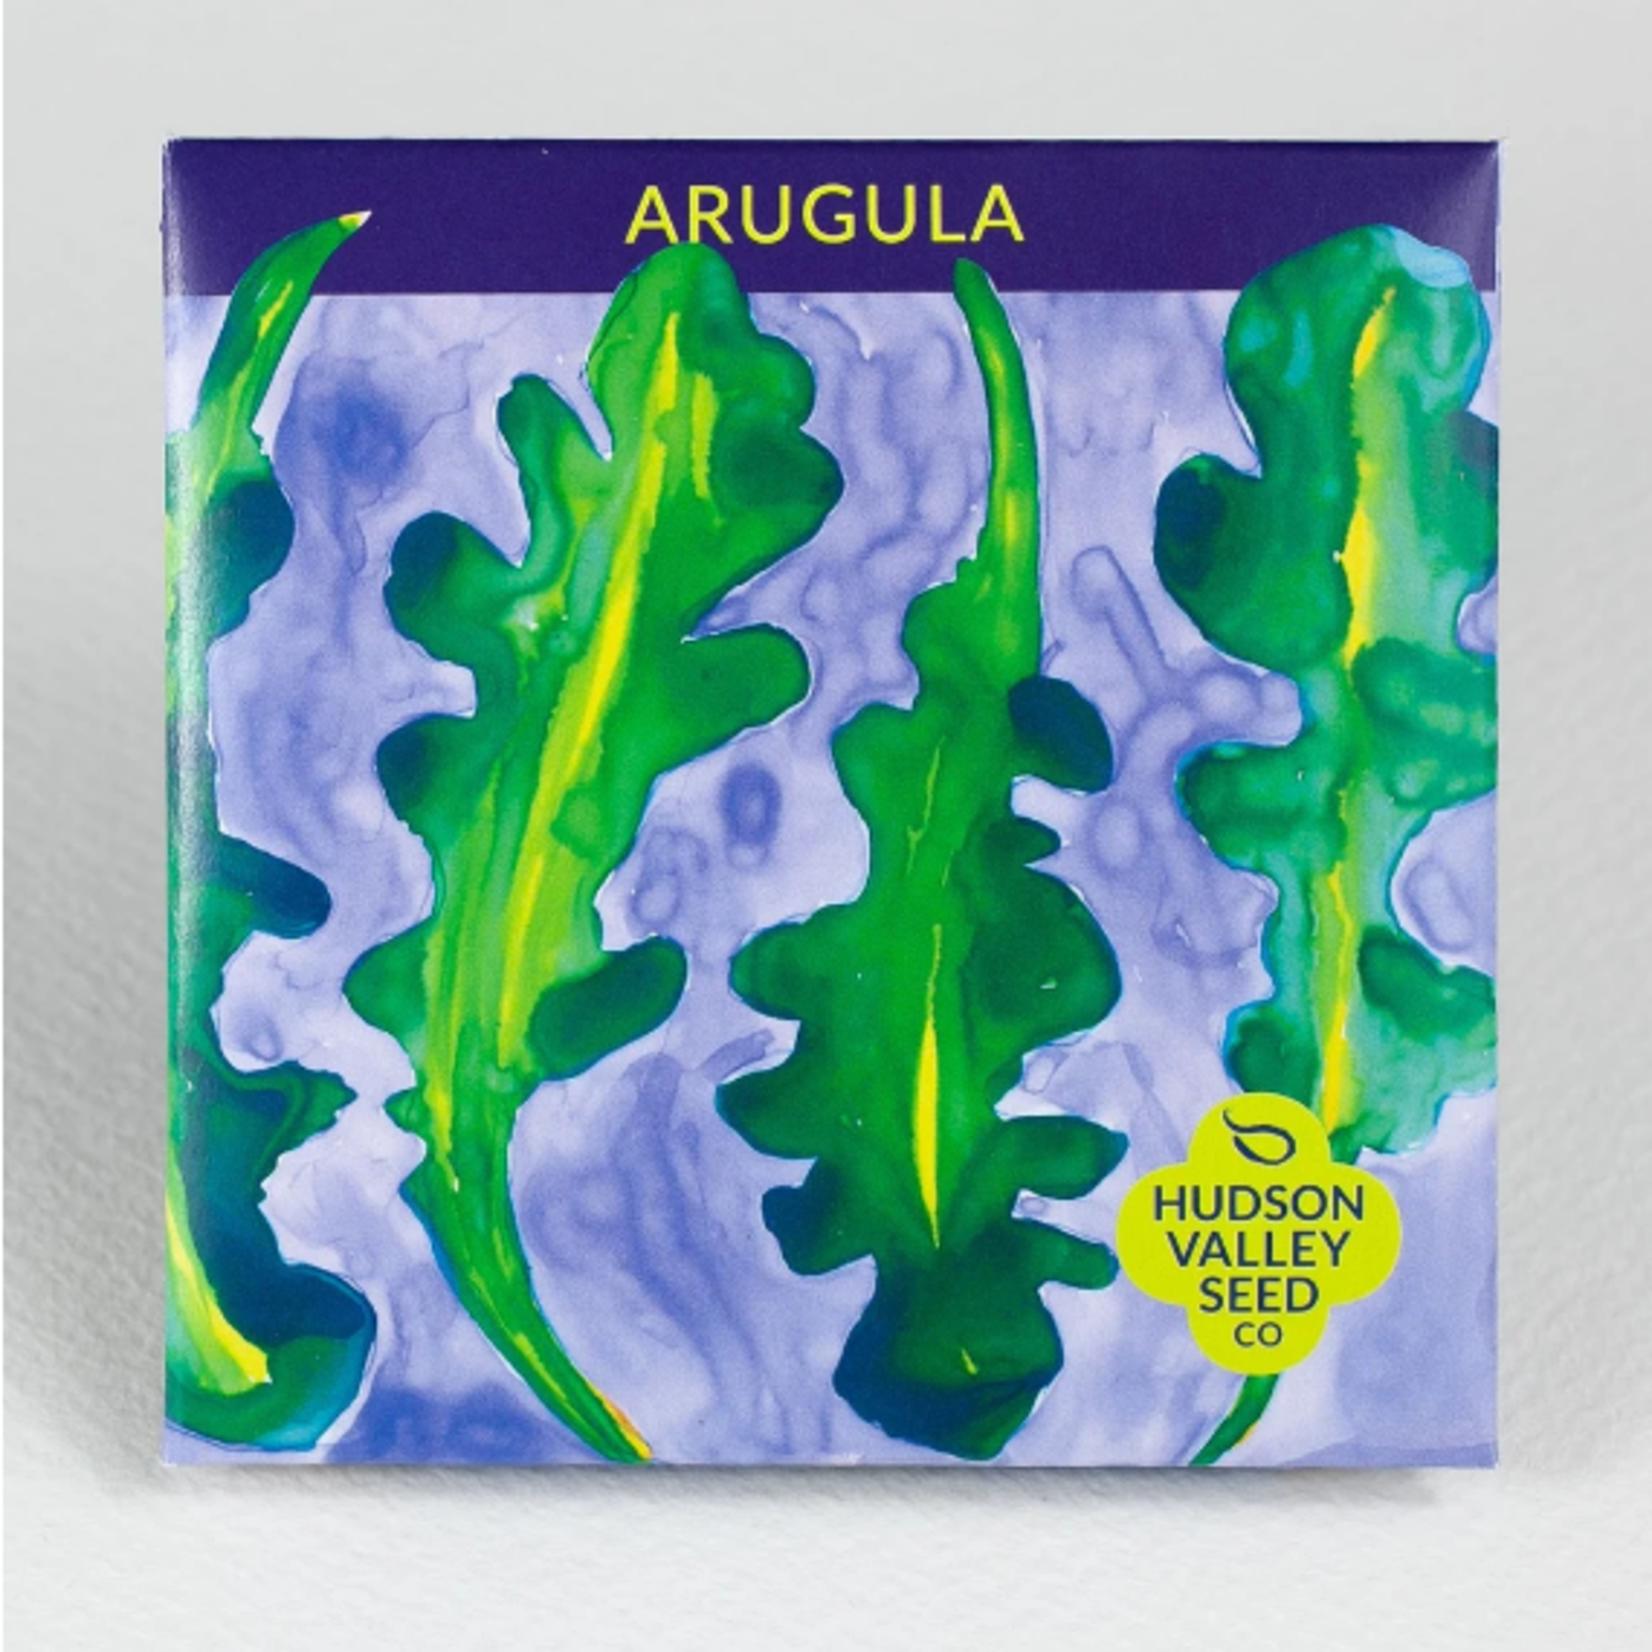 Hudson Valley Seeds Arugula Seeds